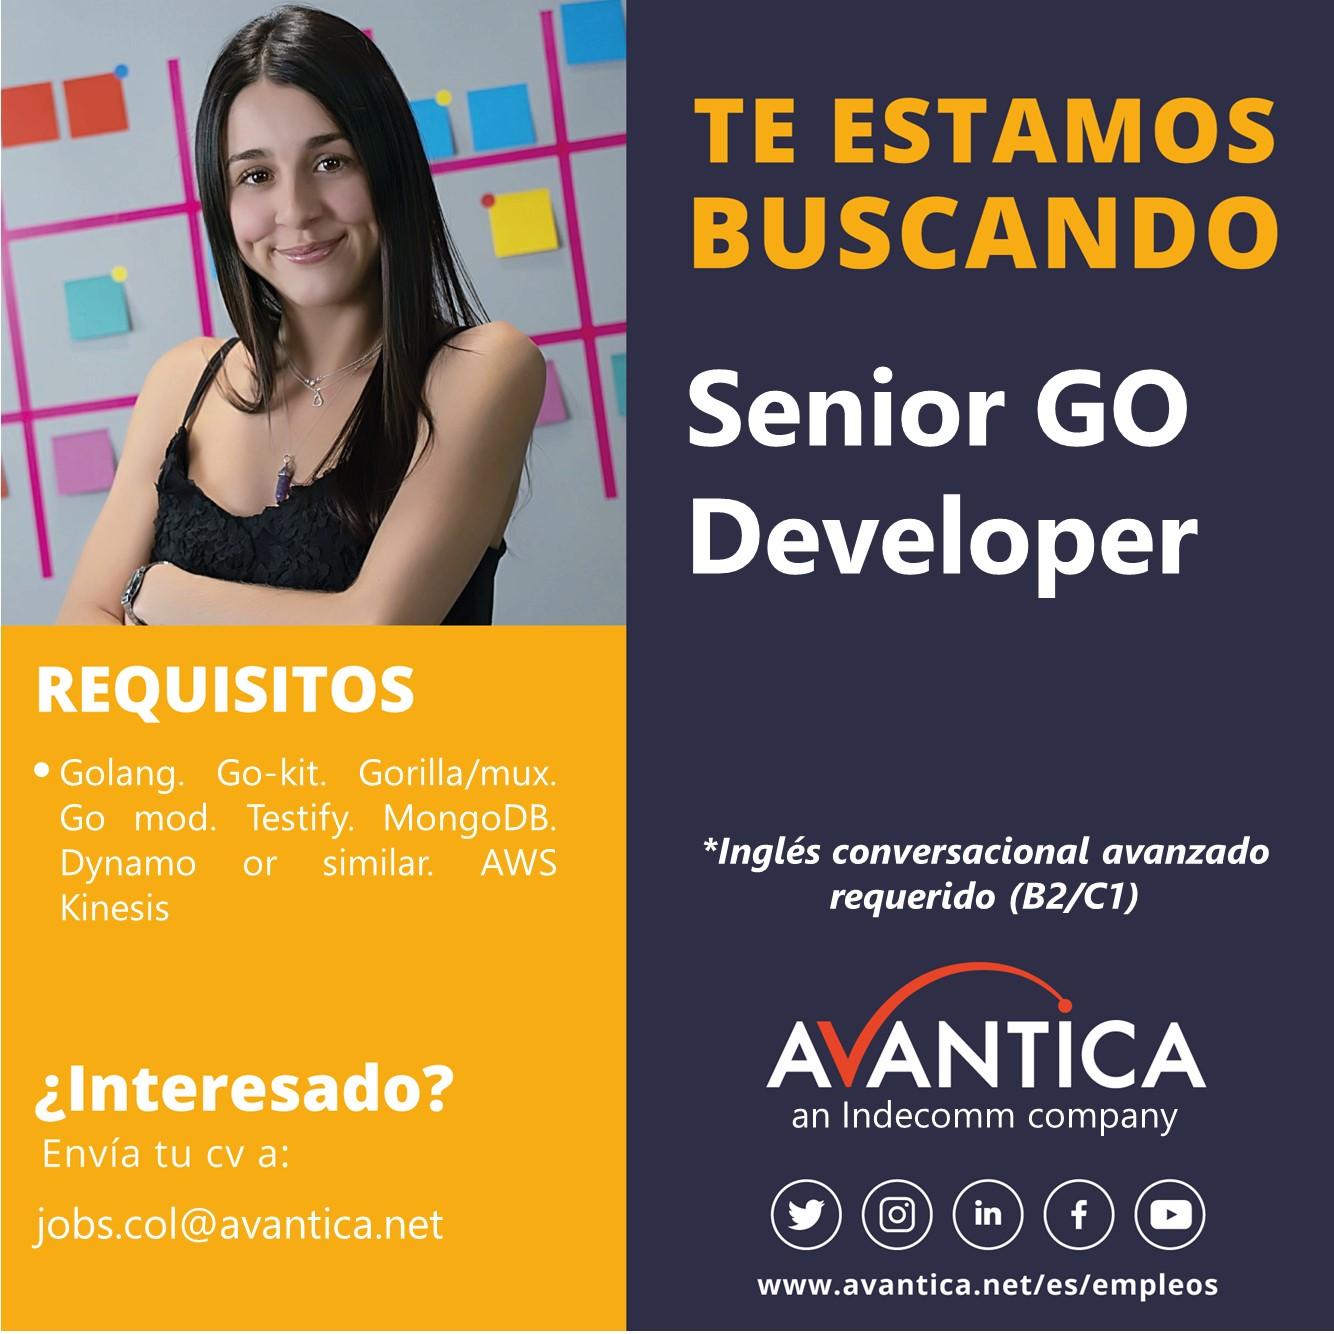 Senior Go developer